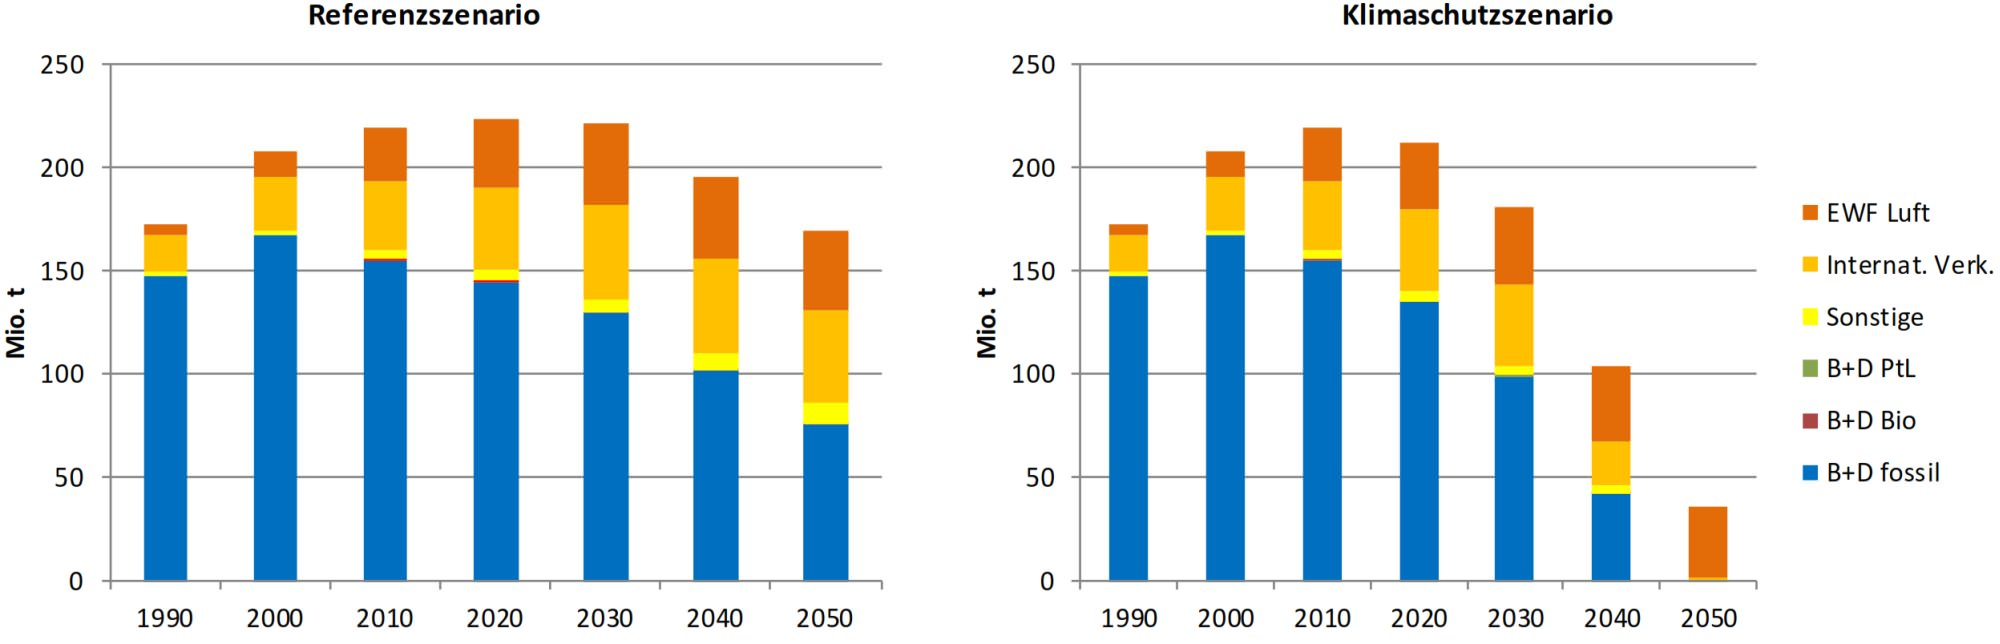 Treibhausgasemissionen Verkehr 2050 Szenario Minderung